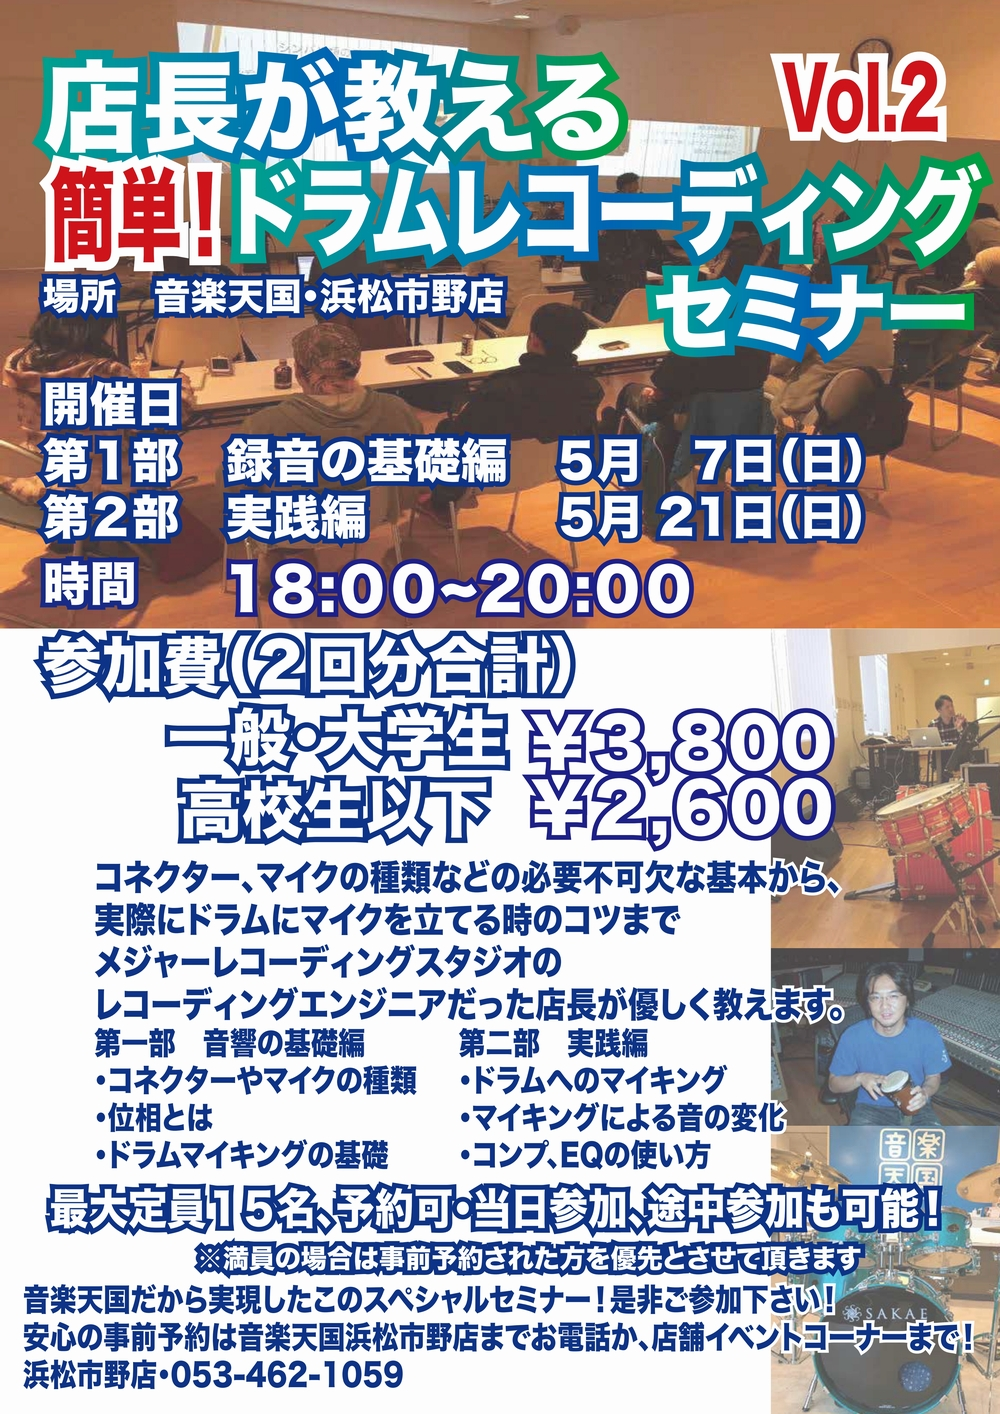 レコーディングセミナー全2回 音楽天国・浜松市野店5/7・5/21好評開催